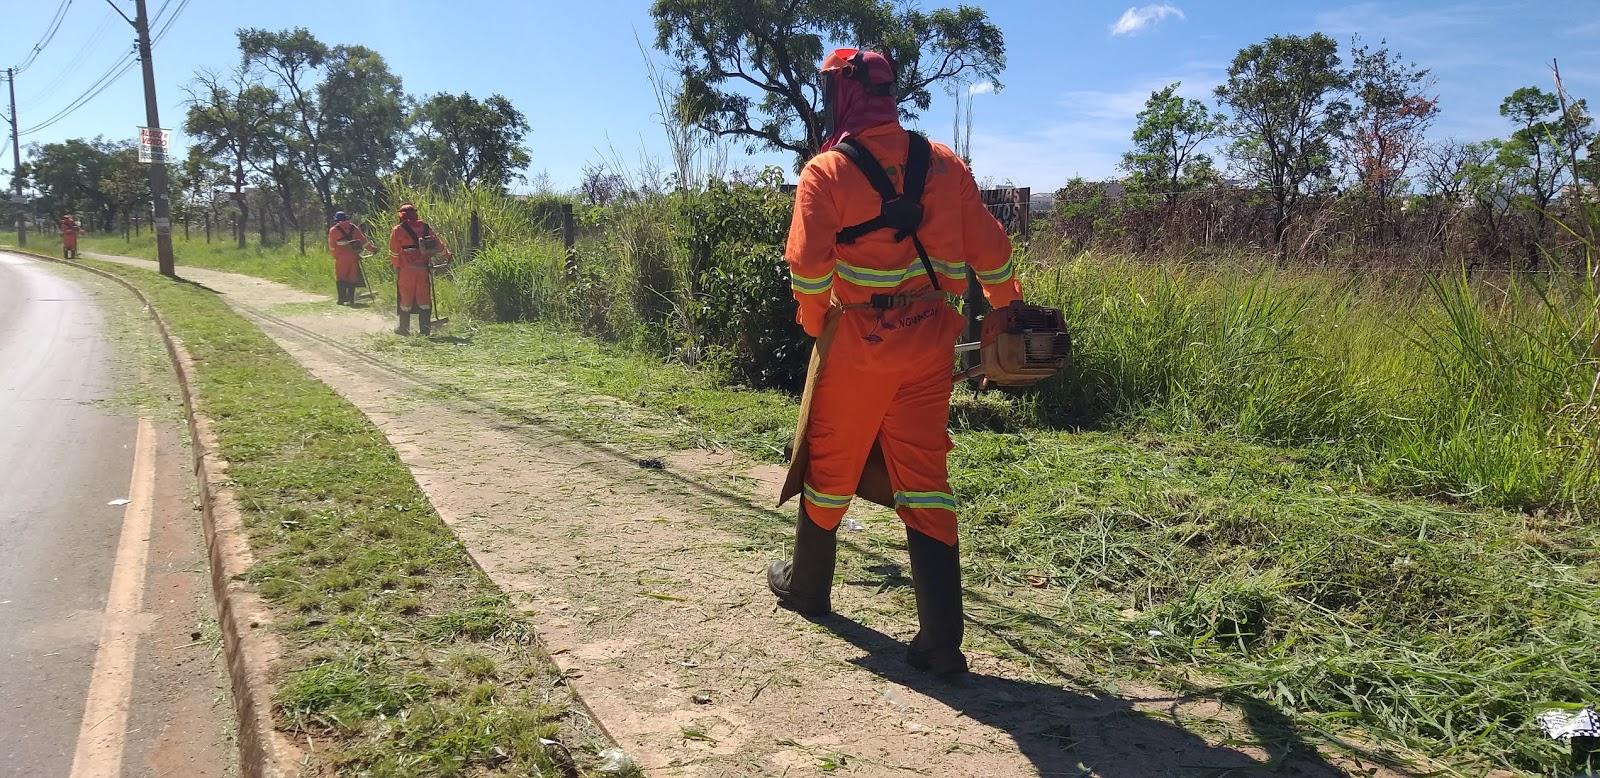 20190114 101708 - O administrador regional do Jardim Botânico, João Carlos Lóssio lançou, nesta segunda feira, ações de limpeza nas ruas que acontecerão de 14 a 16 de janeiro de 2019. SOS DF